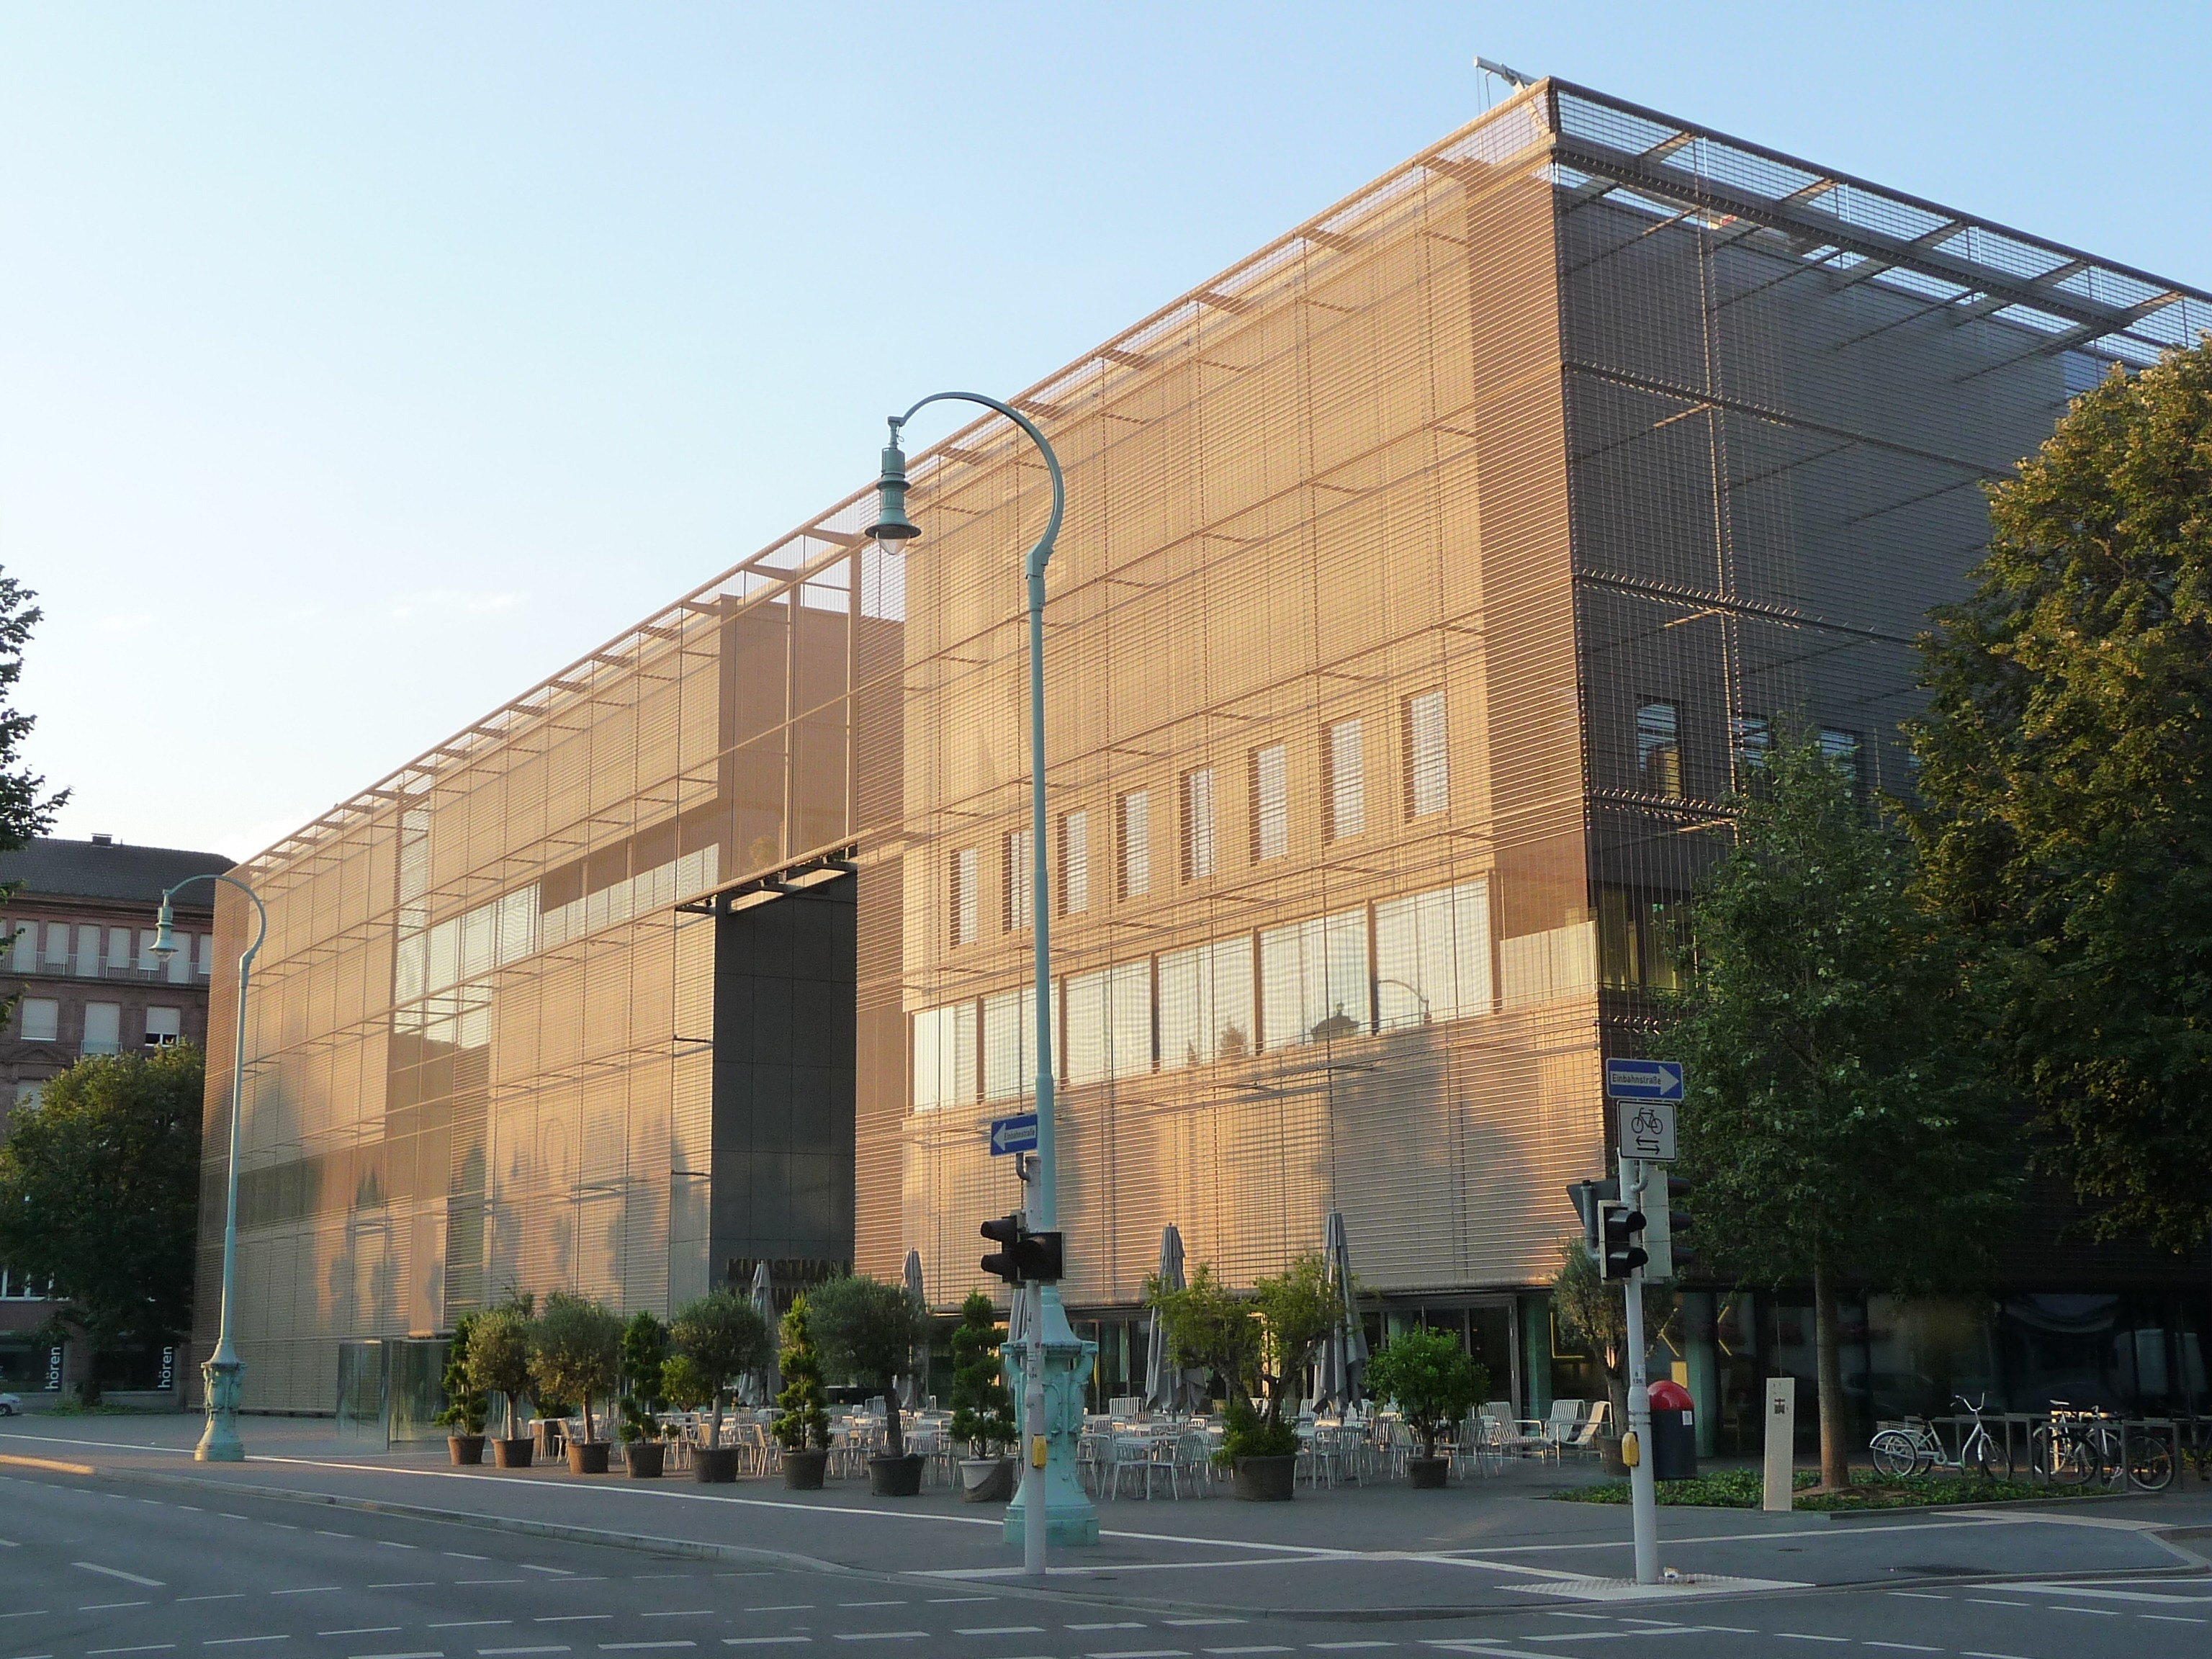 Kunsthalle Mannheim